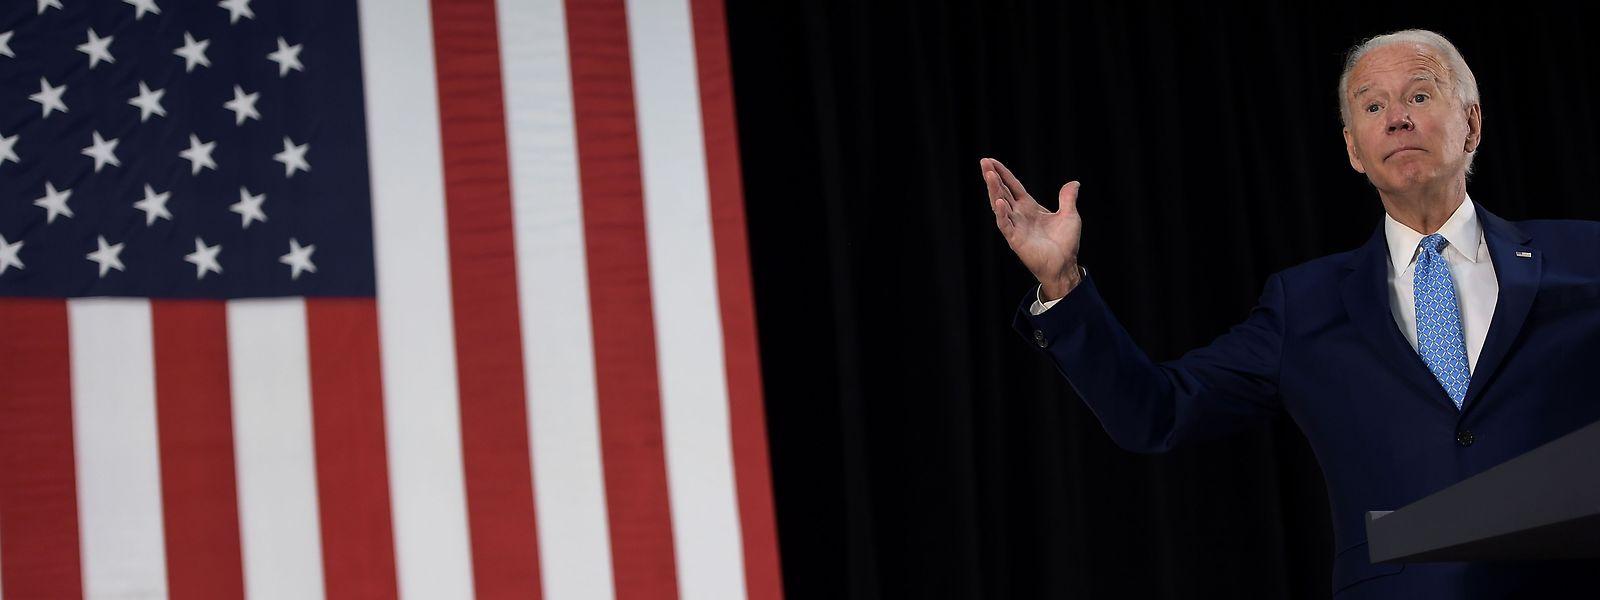 Der Herausforderer: Joe Biden, Präsidentschaftskandidat der Demokraten.